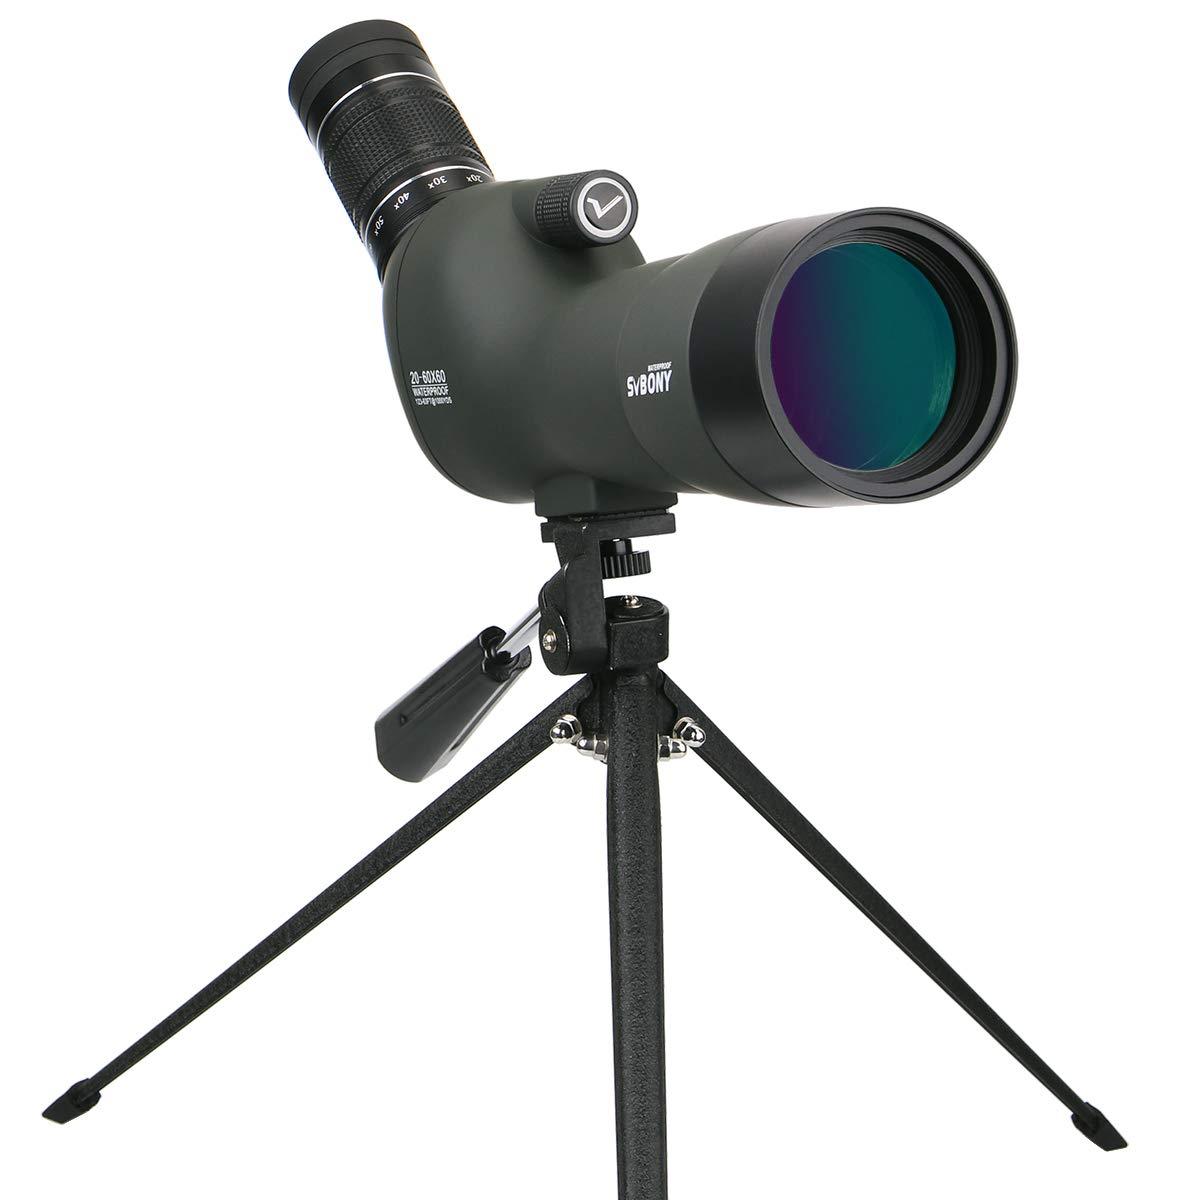 Verde del Ej/ército Acampar y Observaci/ón de Aves Svbony SV29 Telescopio Terrestre Impermeable de 20-60x60 Zoom Multicapa de Recubrimiento Prisma BAK4 con Tr/ípode Ideal para Viajar